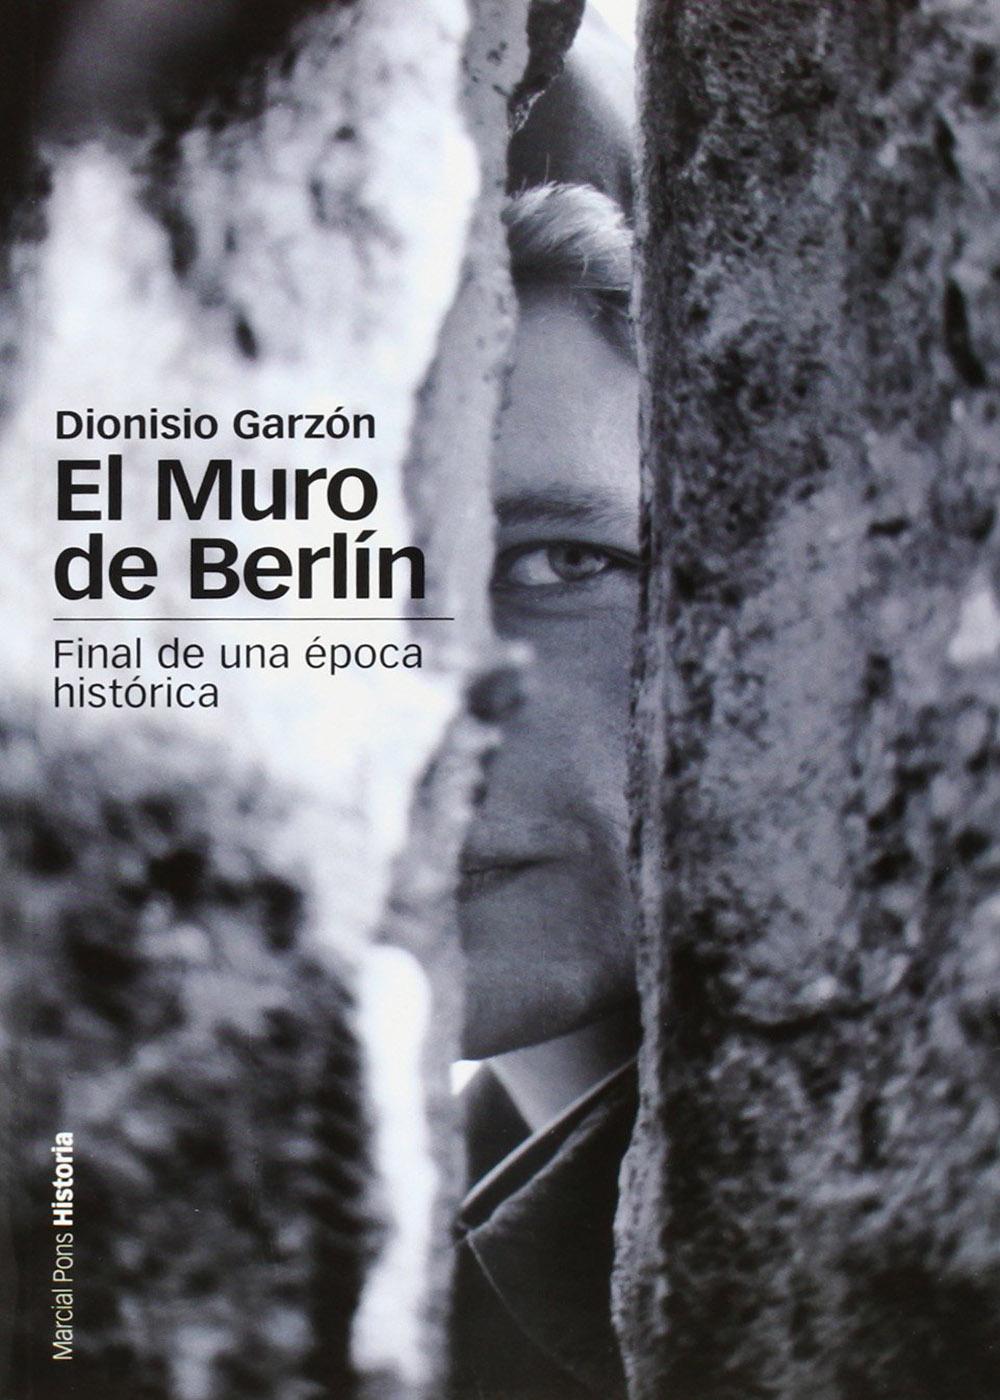 Dionisio Garzón - El muro de Berlín